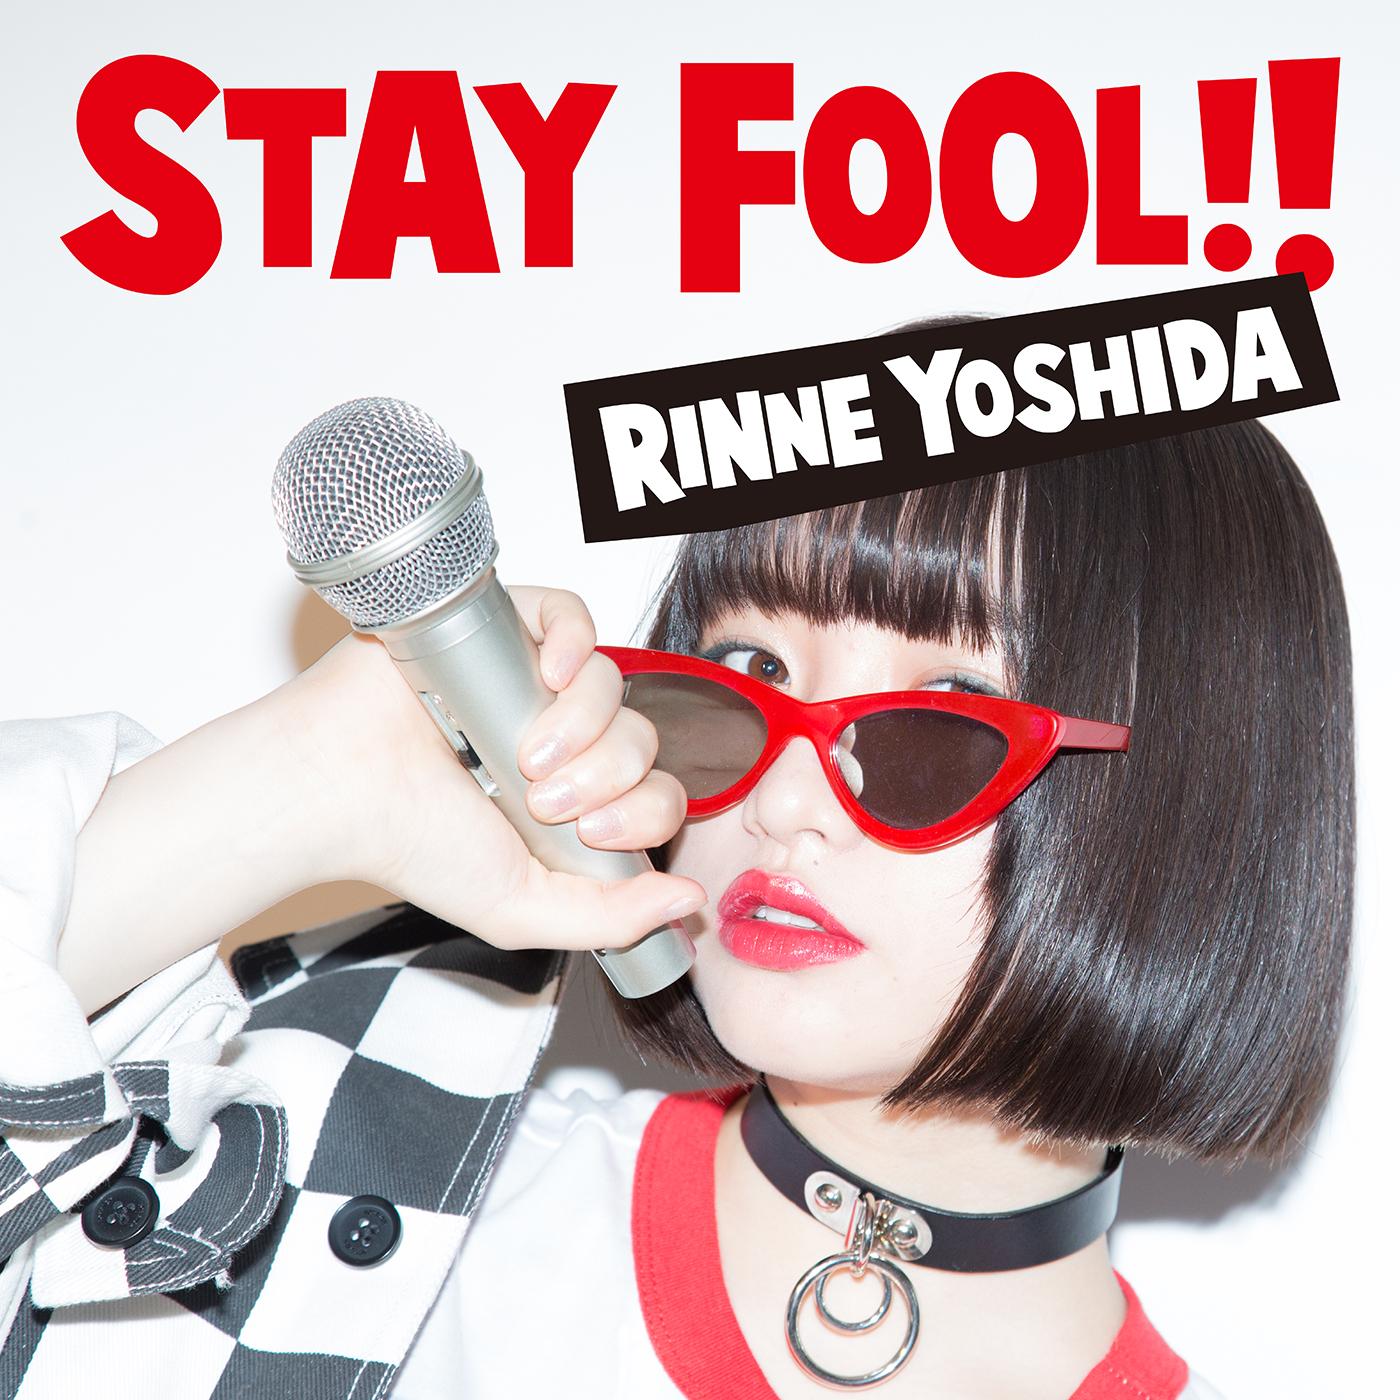 ミニアルバム『STAY FOOL!!』【初回盤】